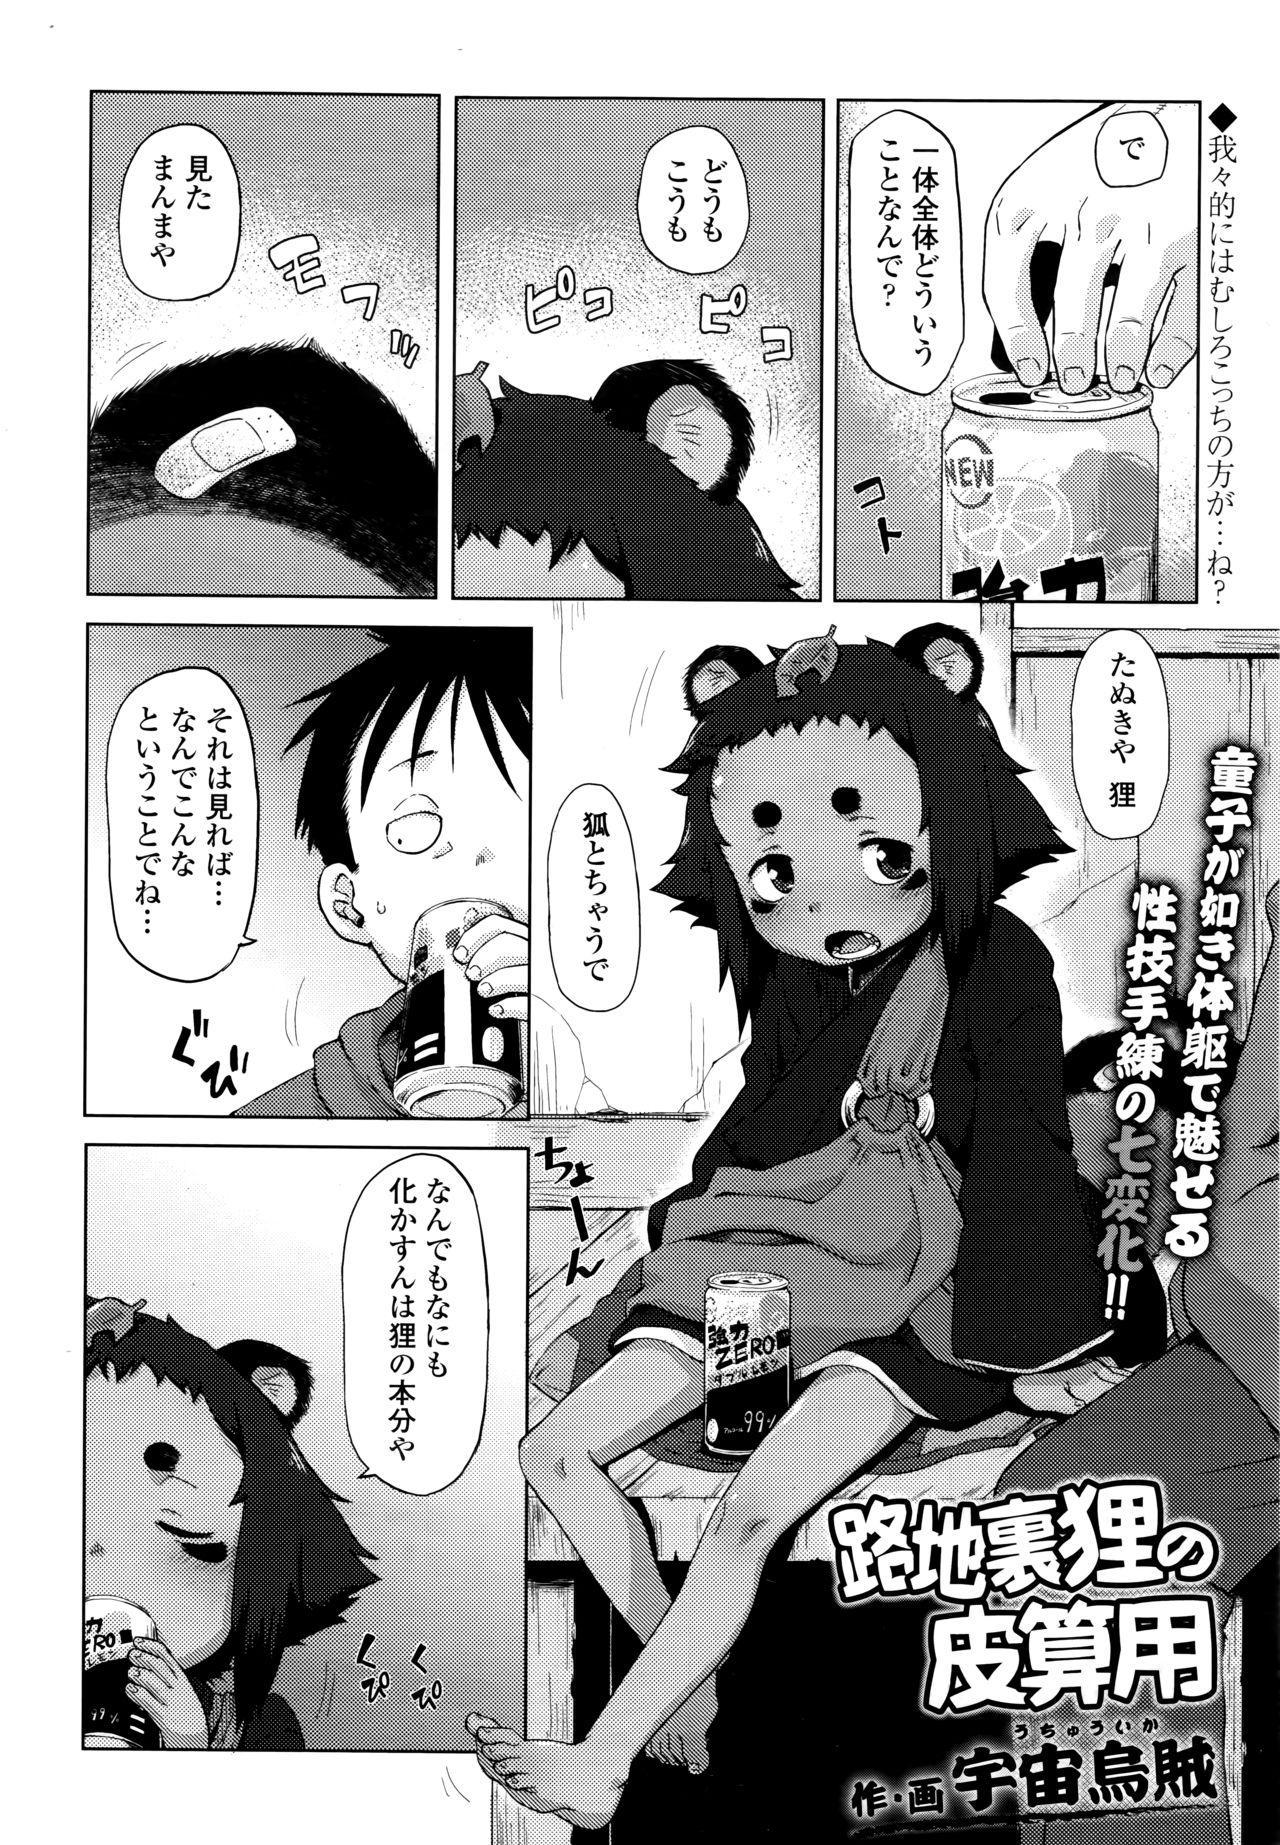 Towako 6 147